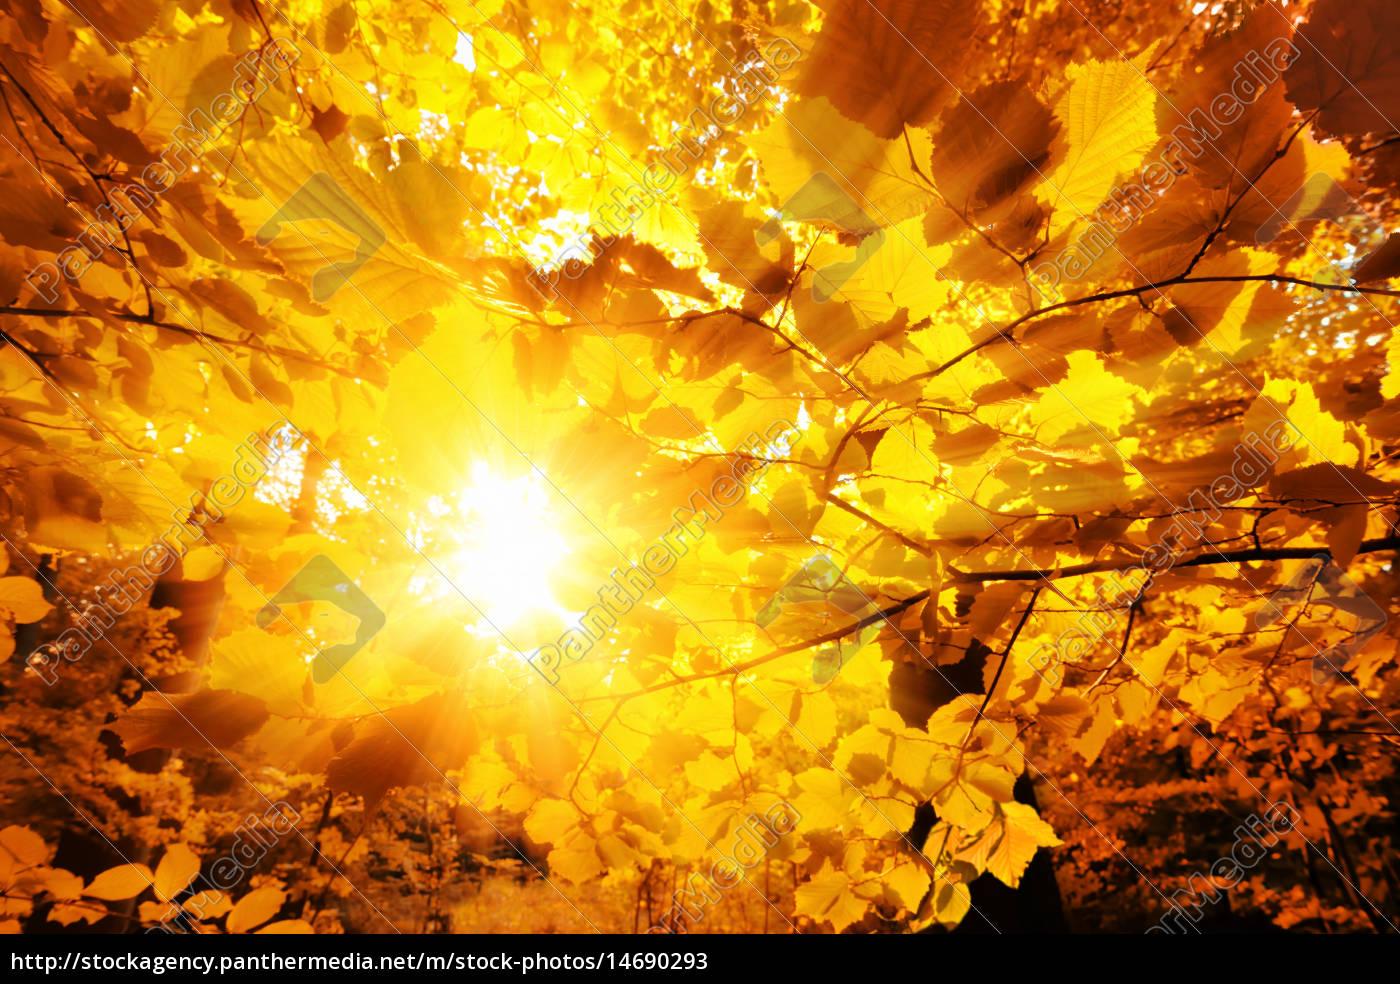 słońce, świeci, przez, jesienne, liście - 14690293